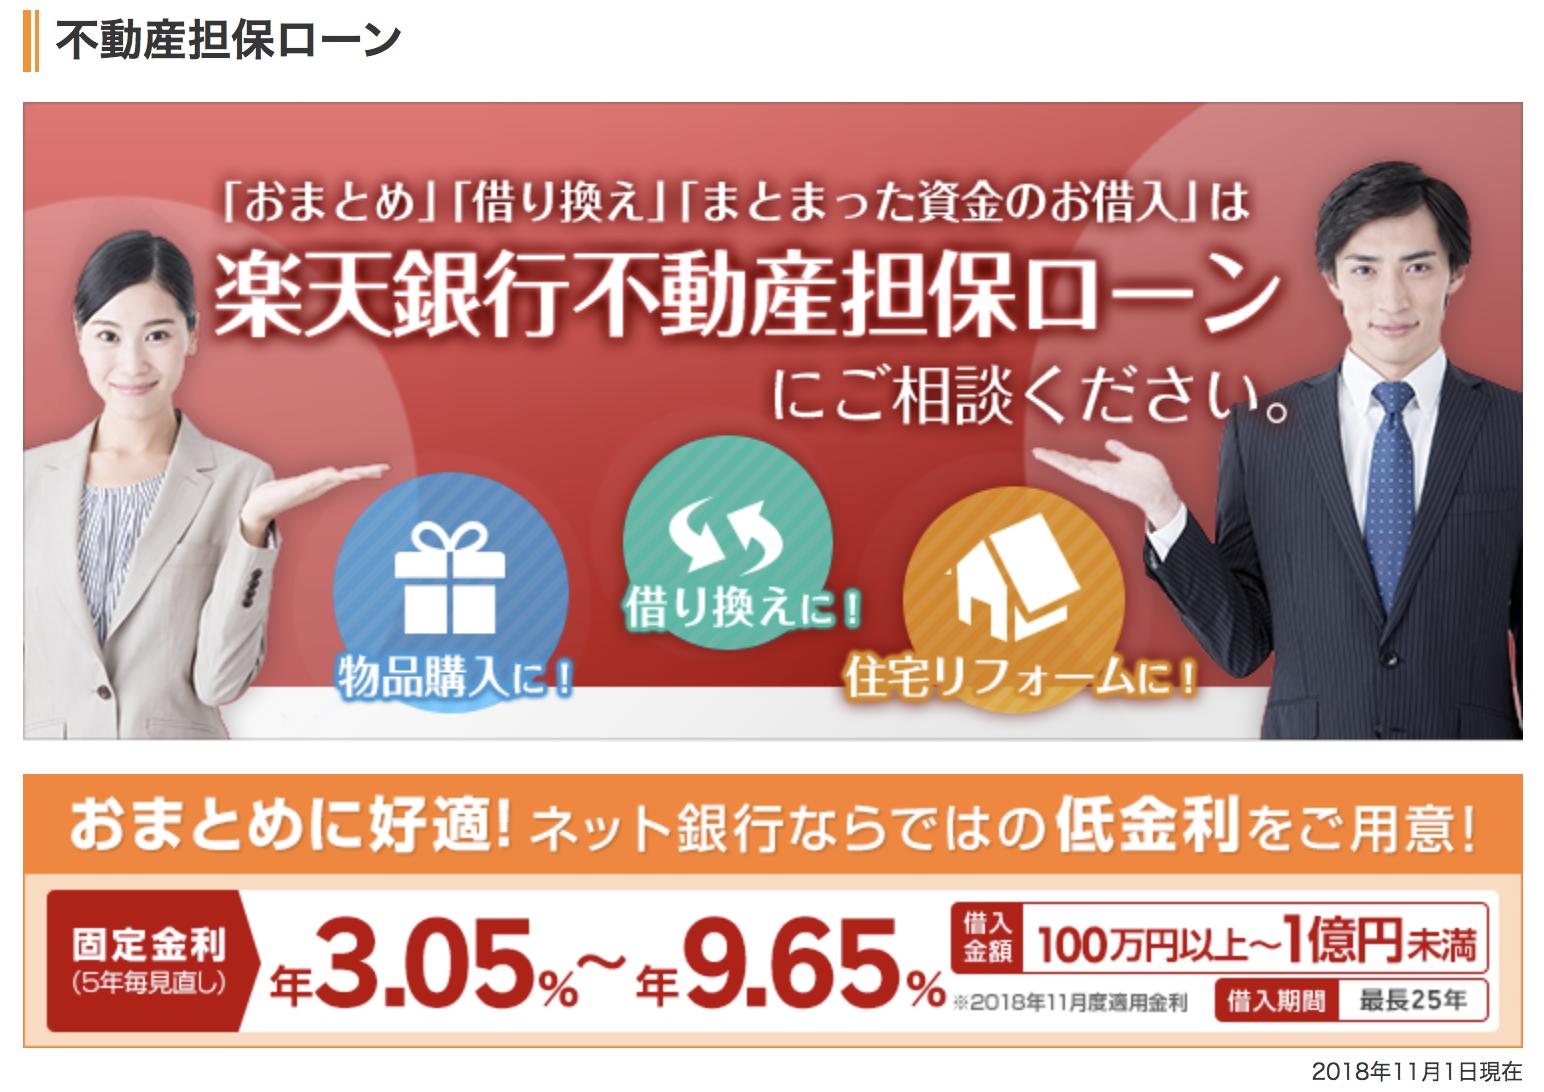 「楽天銀行不動産担保ローン」